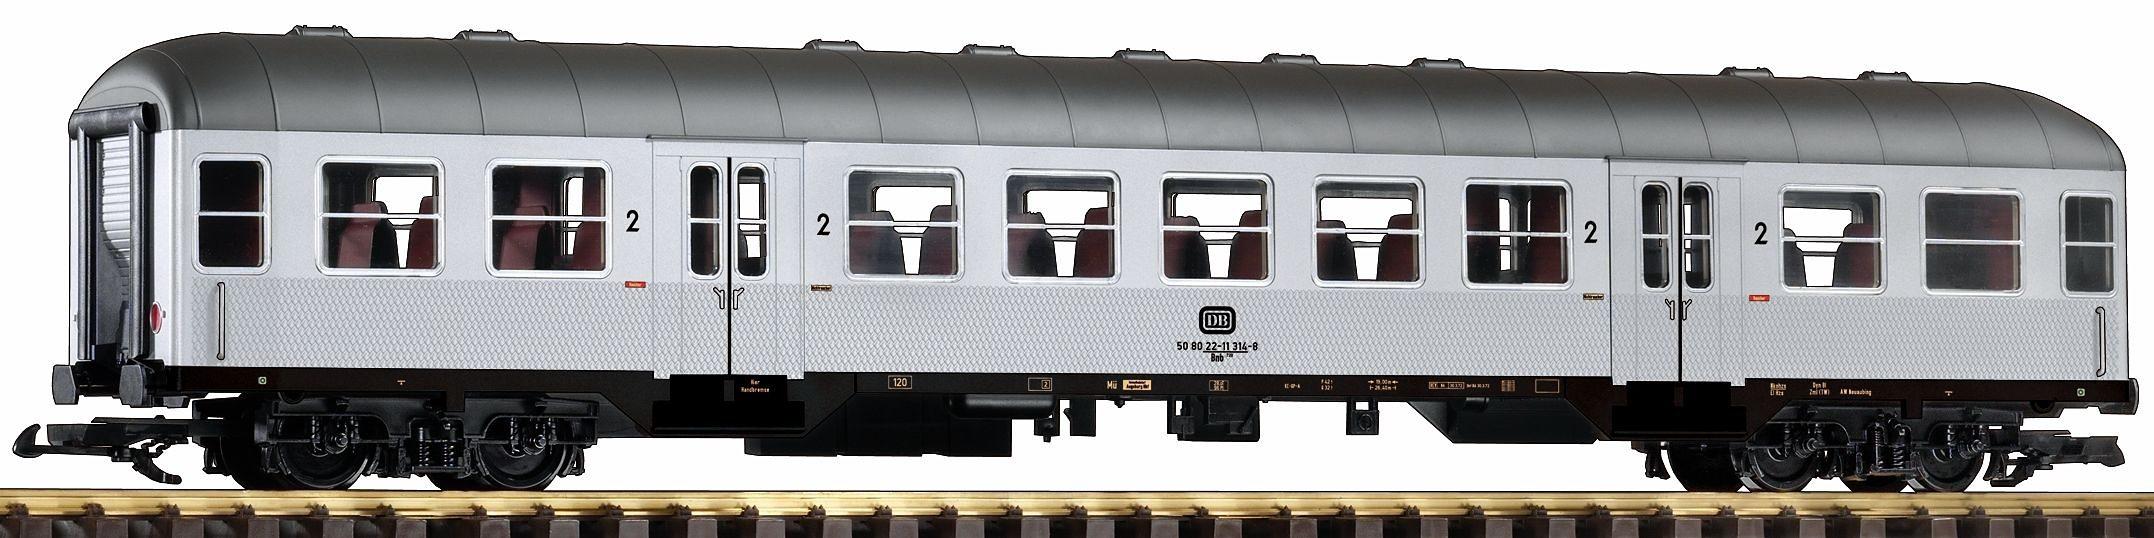 PIKO Personenwagen, Spur G, »Nahverkehrswagen Bnb 720 2. Klasse, Silberling, DB - Gleichstrom«